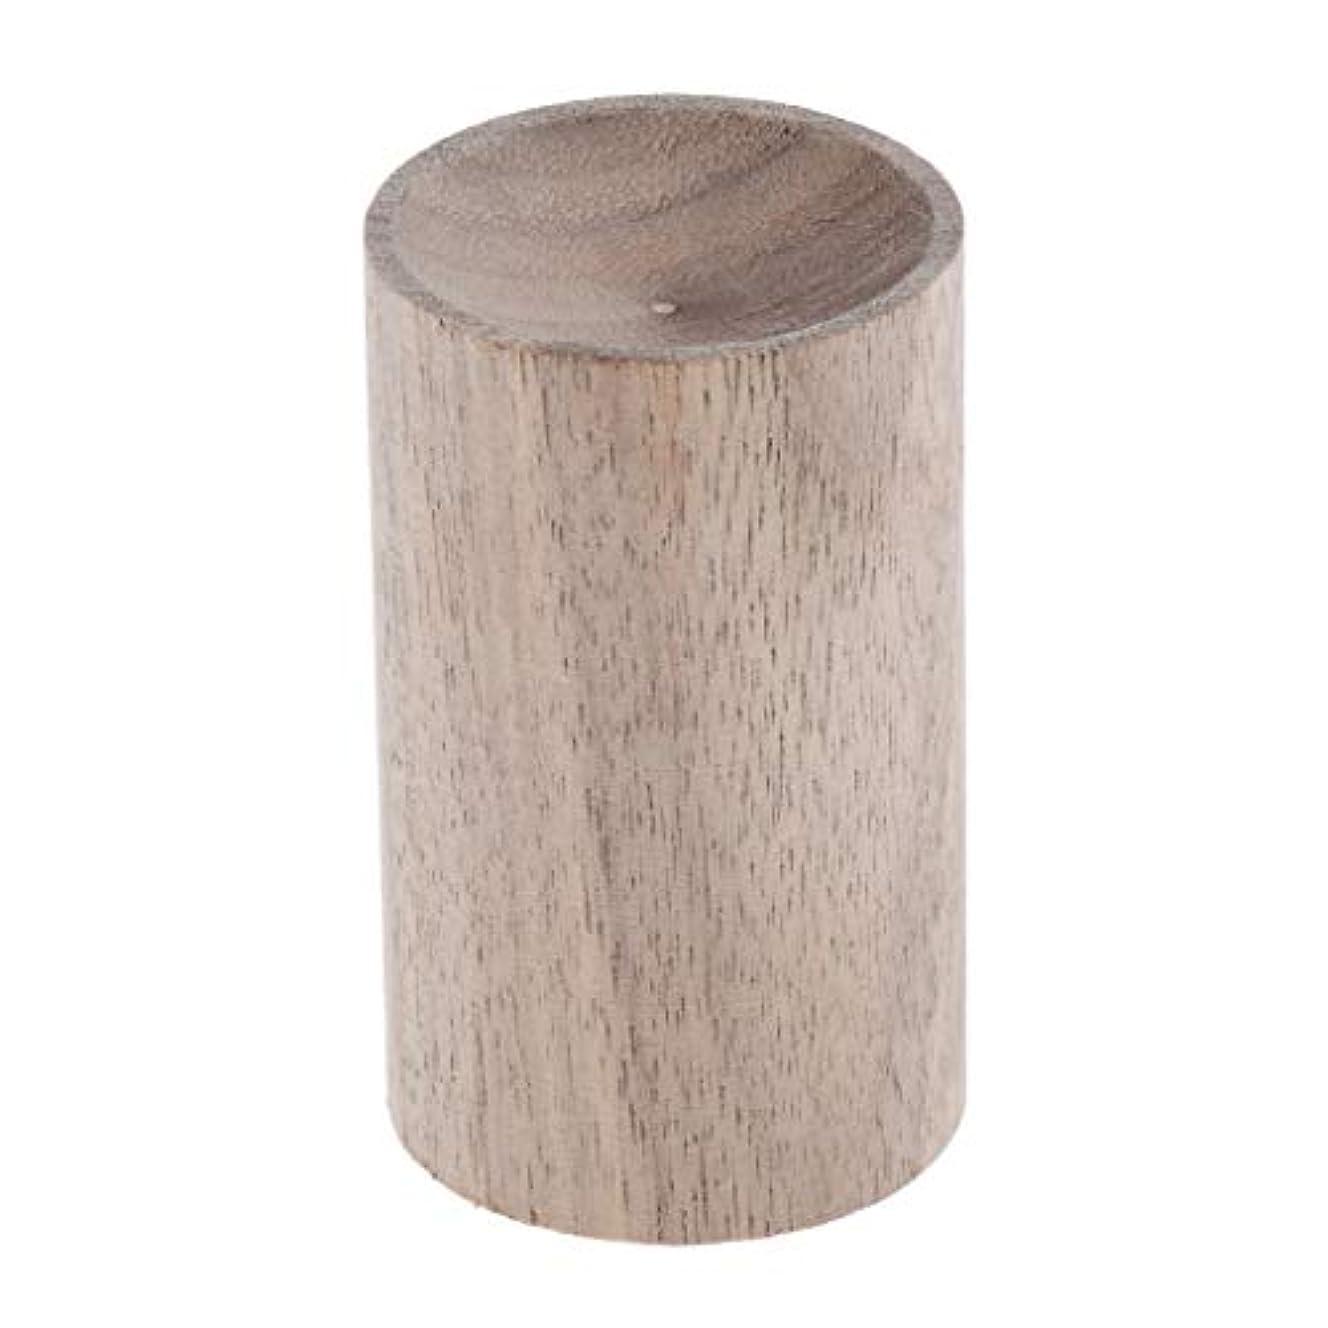 技術適切に慎重にD DOLITY 天然木 ハンドメイド 手作り 空気清浄 エッセンシャルオイル 香水 アロマディフューザー 2種選ぶ - 02, 3.2cm